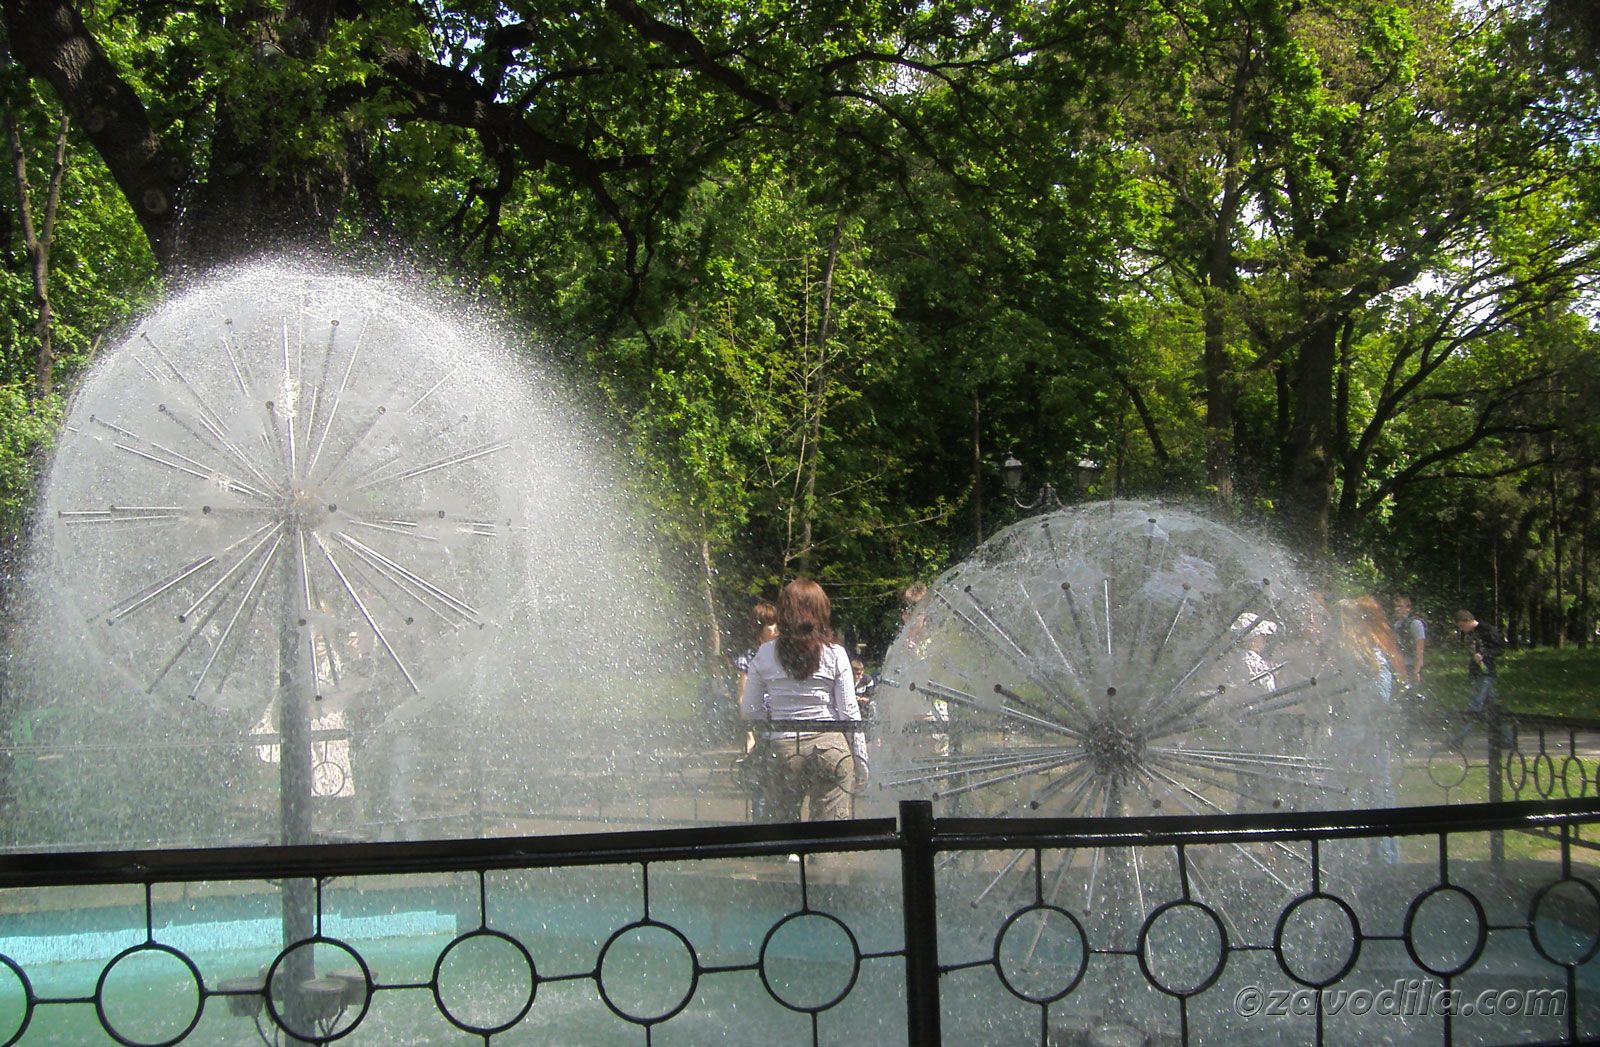 Харьков — первая столица Украины. Парк имени Шевченко